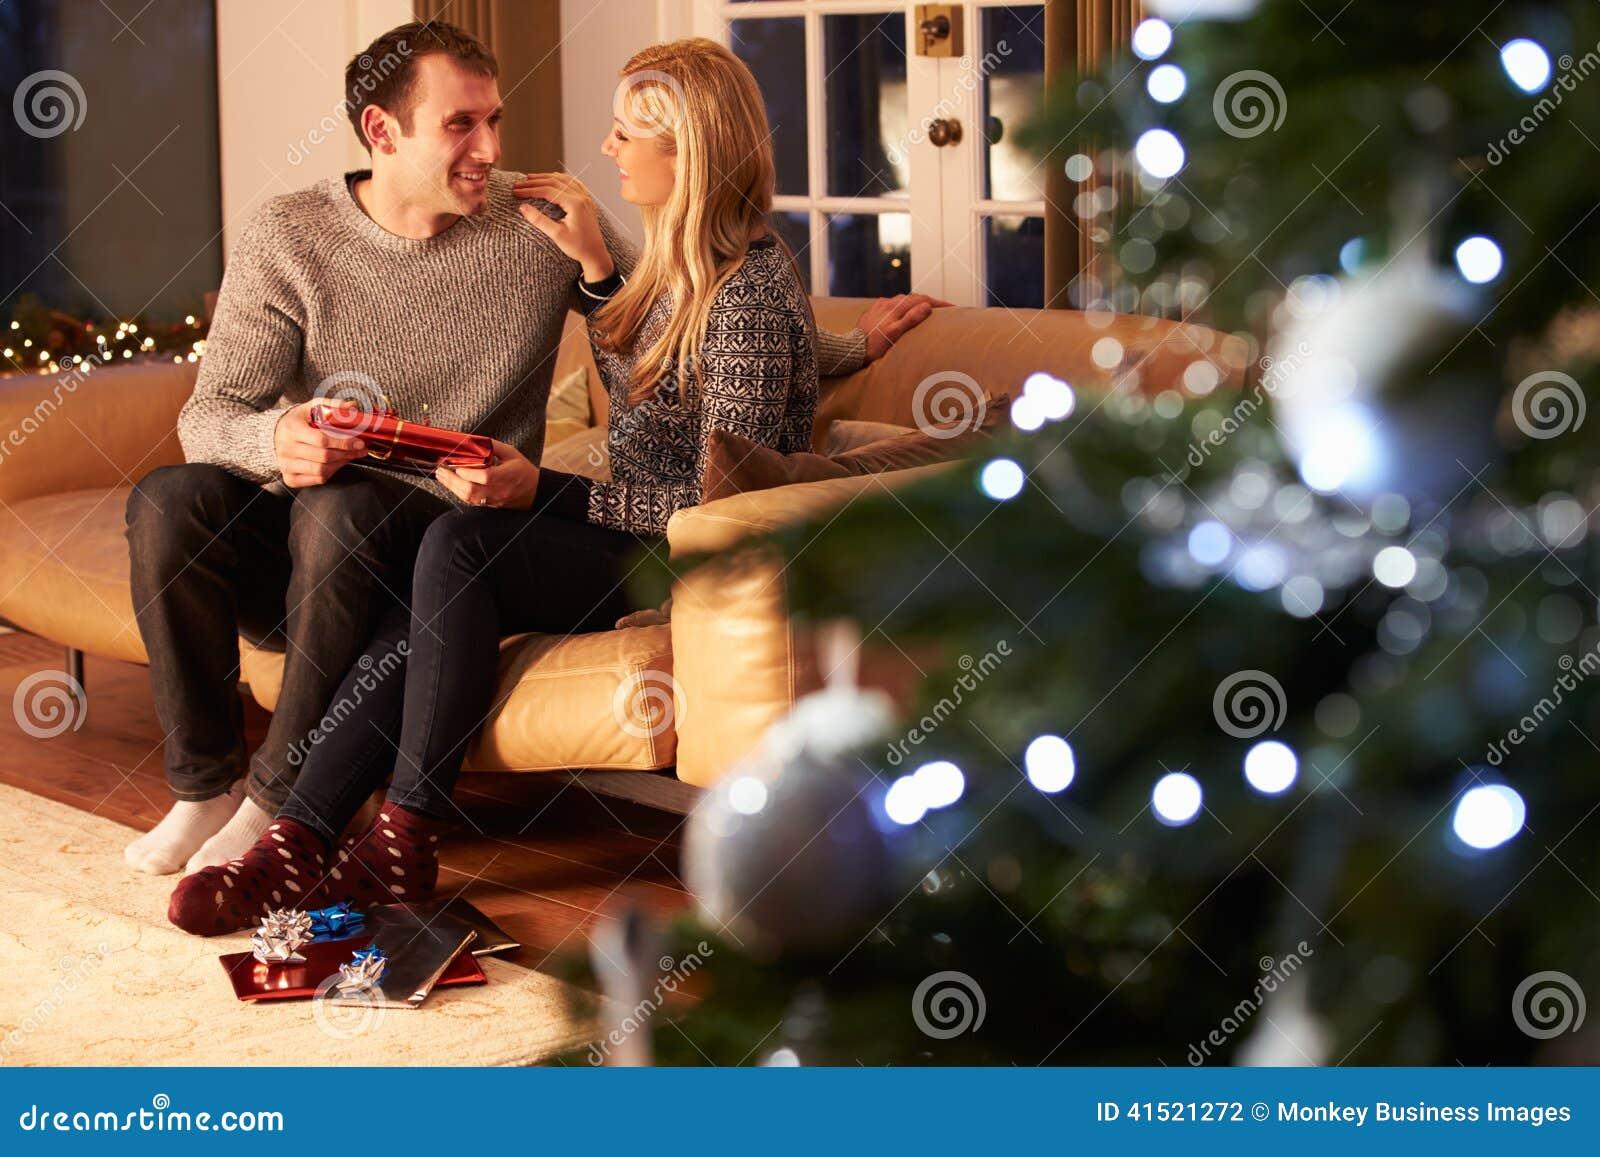 Regali Di Natale Per Coppia.Coppie Che Scambiano I Regali Dall Albero Di Natale Fotografia Stock